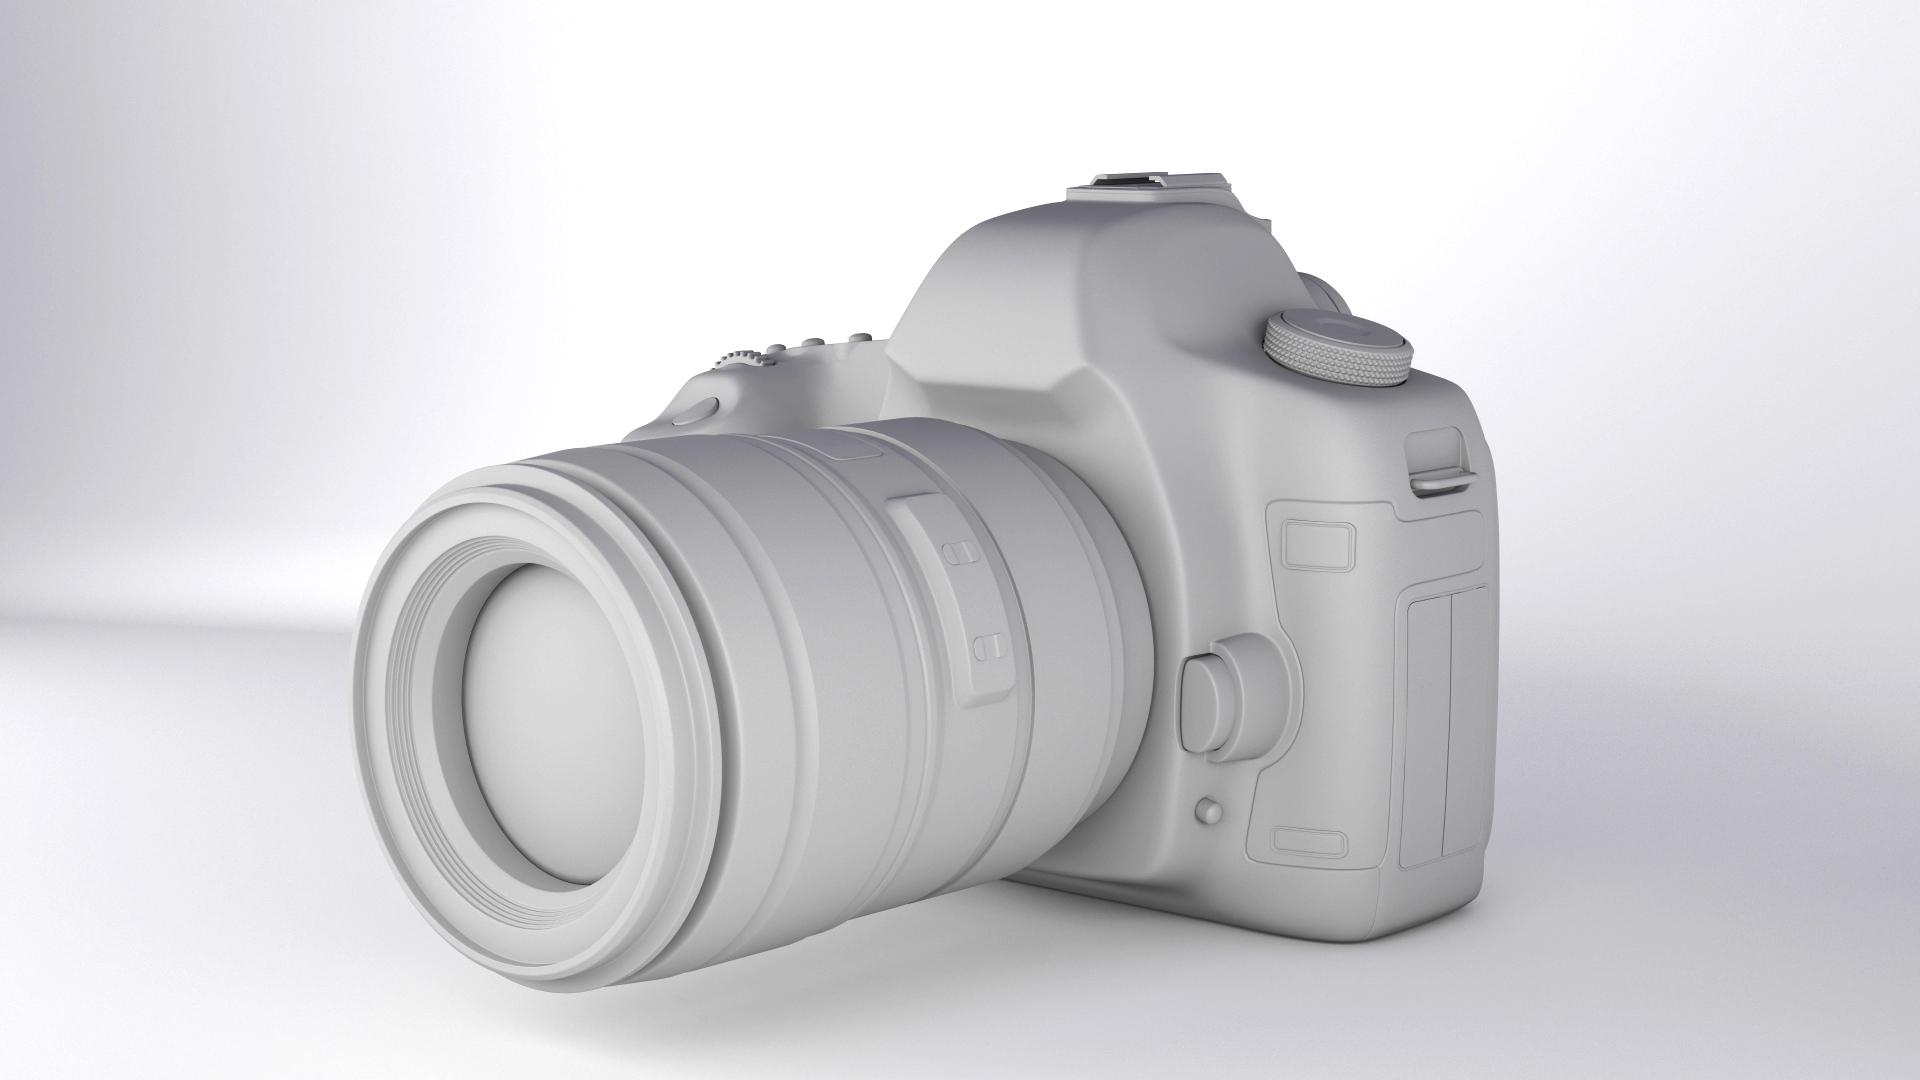 canon eos 5d zīme ii 3d modelis max fbx jpeg jpg cita faktūra obj 285259